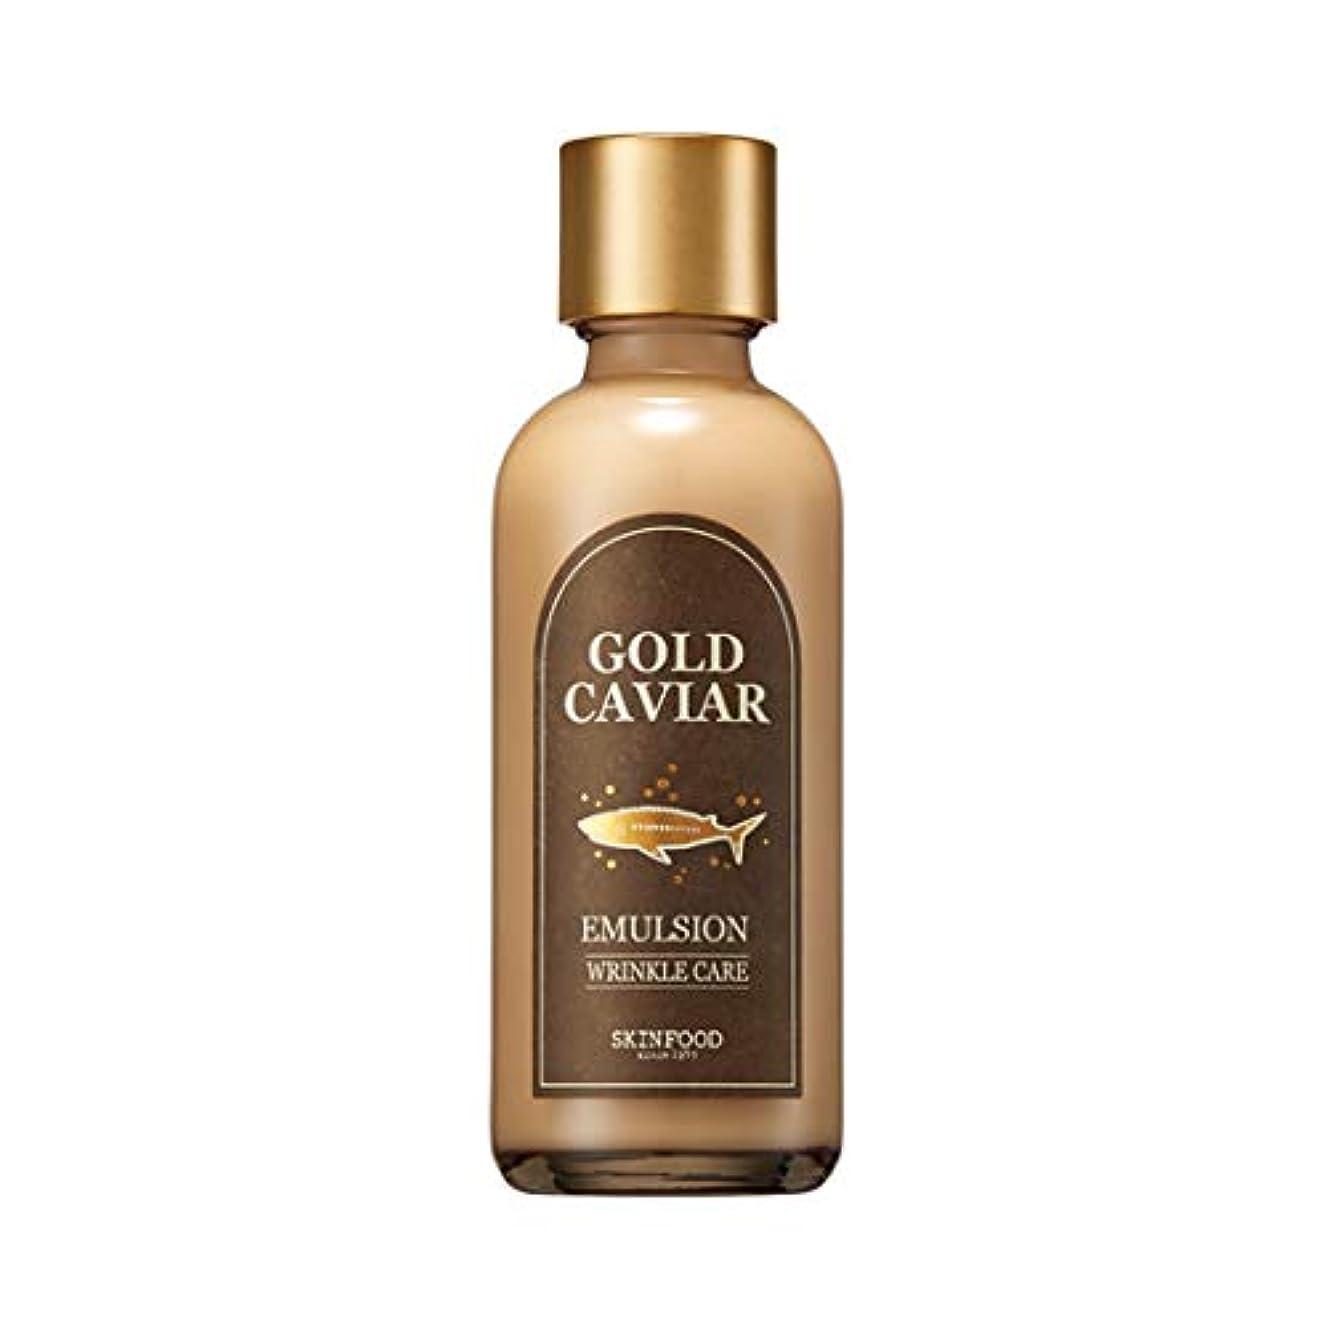 したがって焦がす明快Skinfood ゴールドキャビアエマルジョン(しわケア用化粧品) / Gold Caviar Emulsion (Cosmeceutical for wrinkle care) 160ml [並行輸入品]